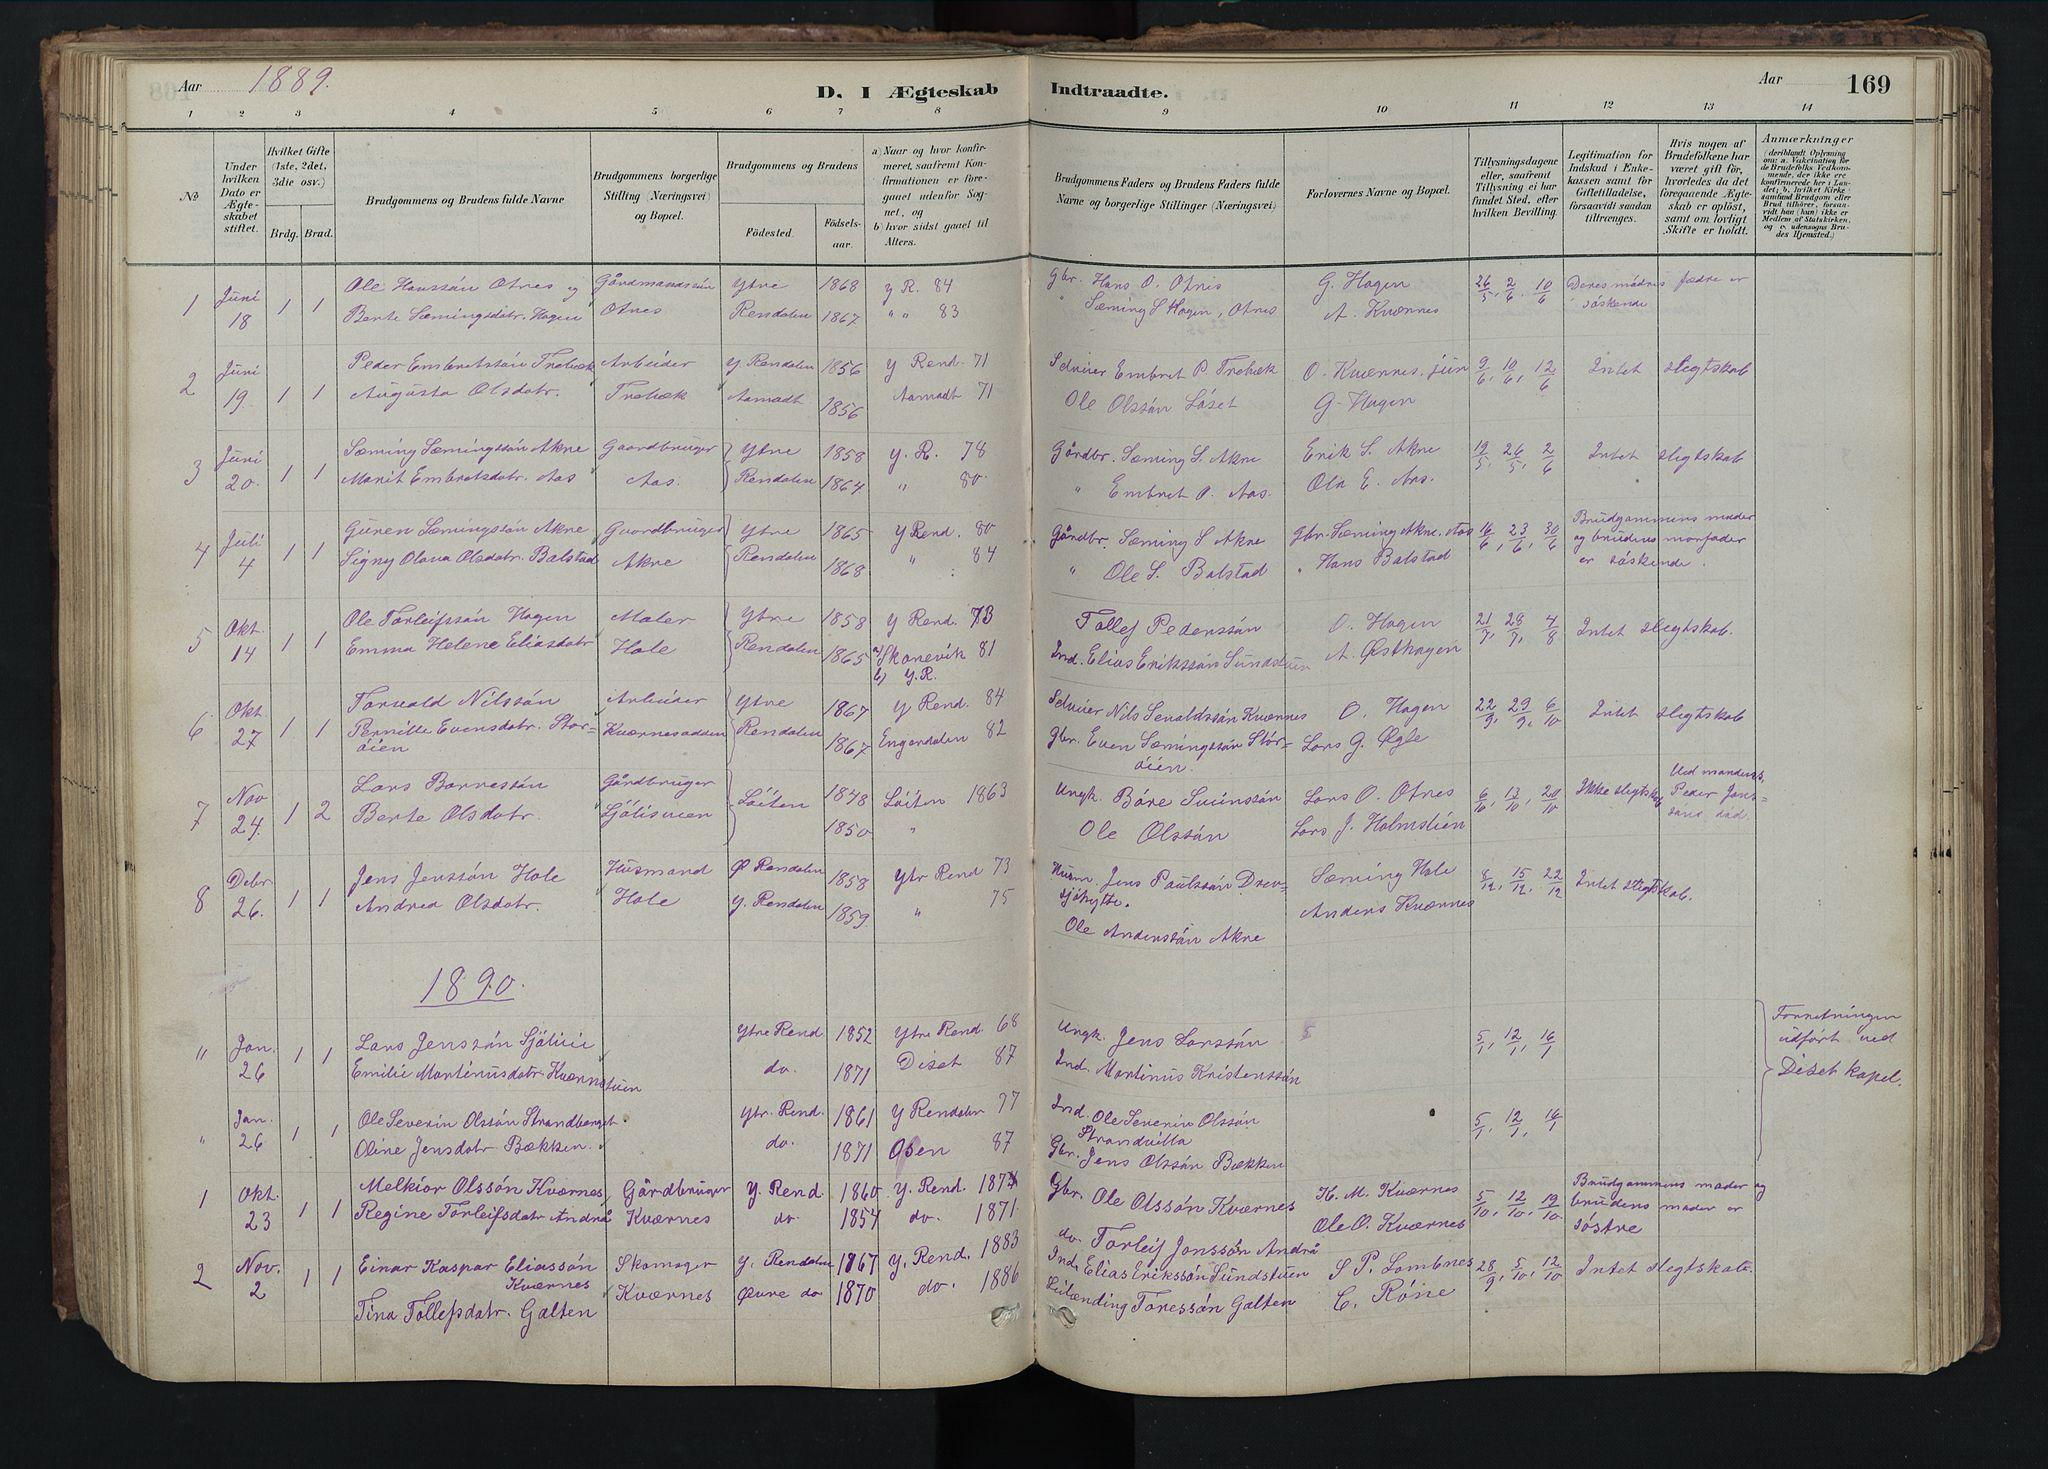 SAH, Rendalen prestekontor, H/Ha/Hab/L0009: Klokkerbok nr. 9, 1879-1902, s. 169